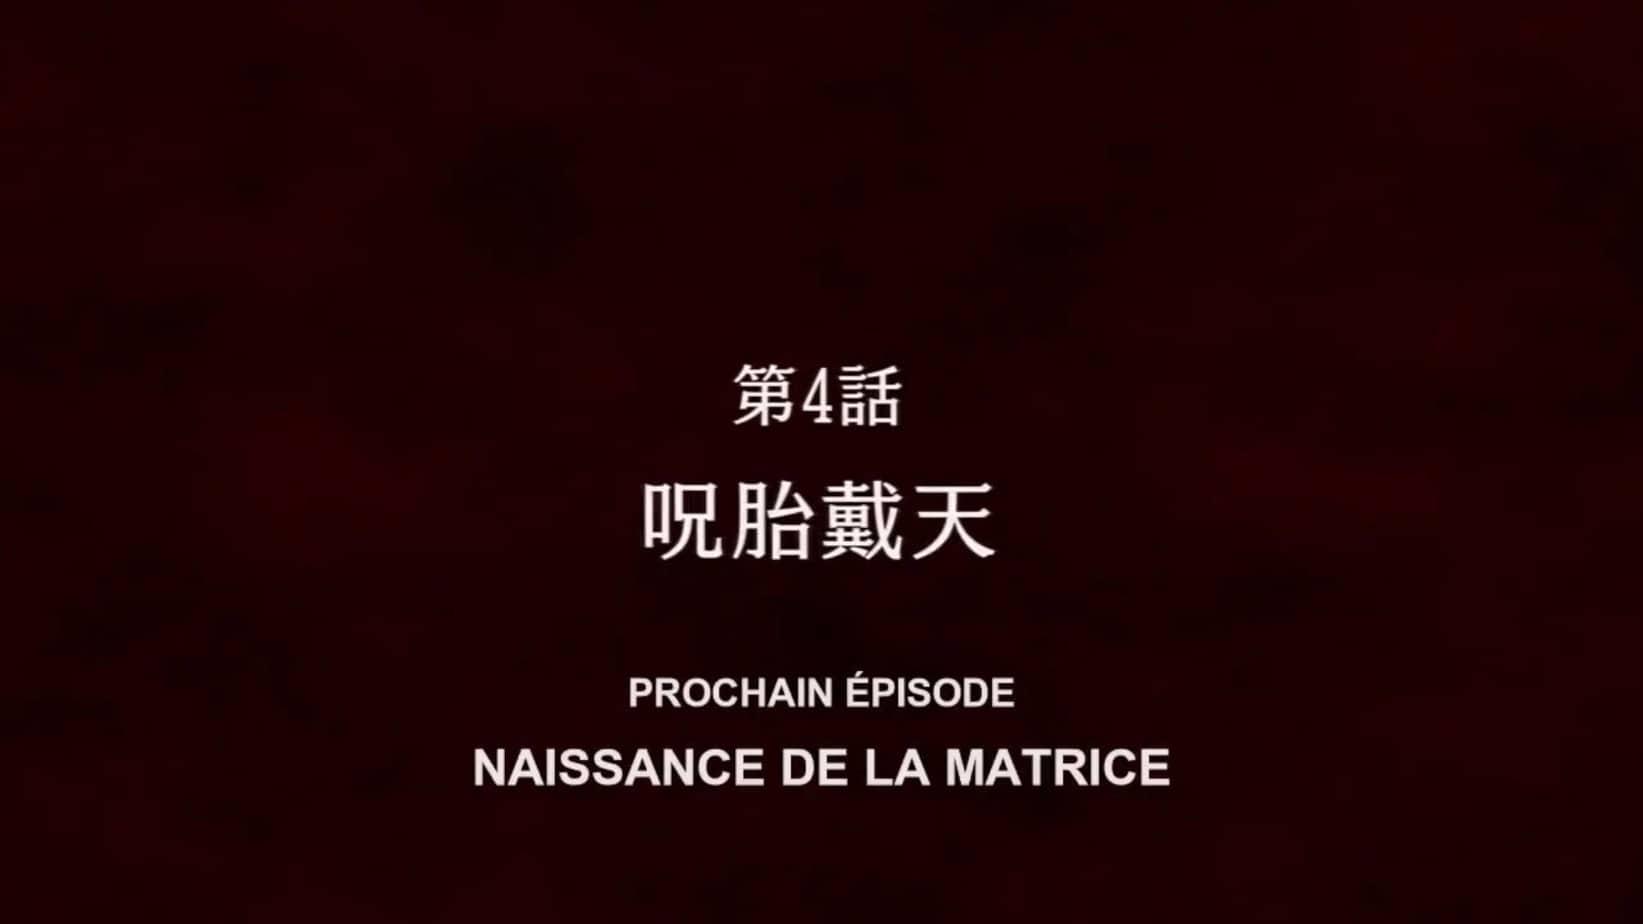 JUJUTSU KAISEN ÉPISODE 4 DATE DE SORTIE NAISSANCE DE LA MATRICE 1